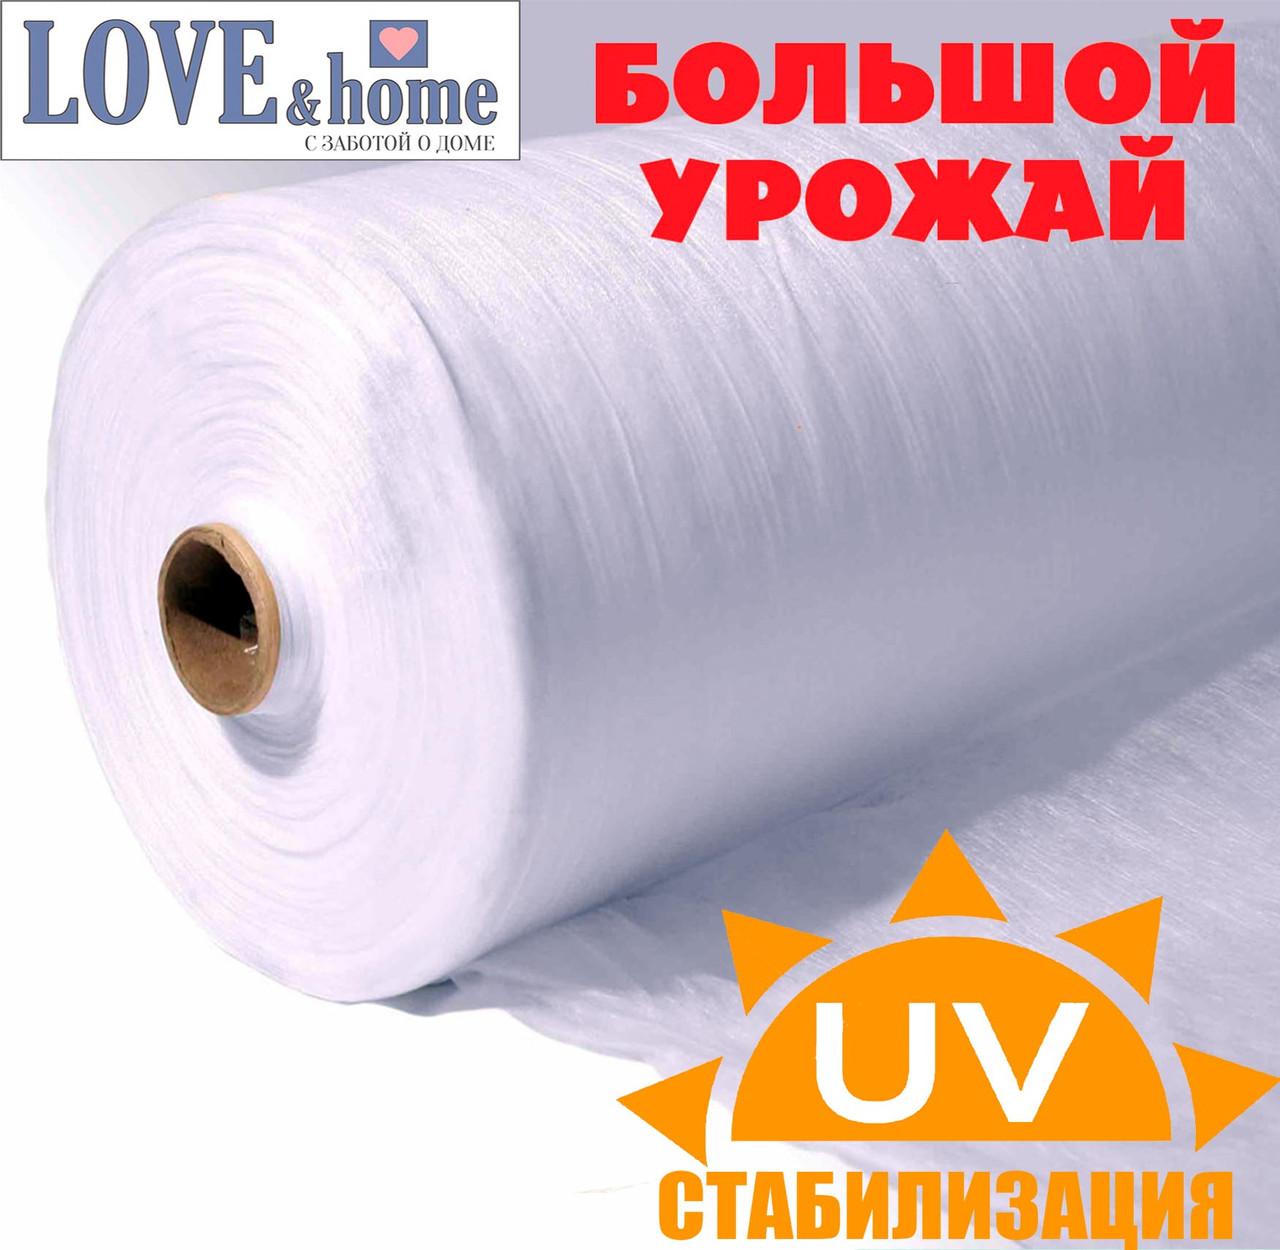 Агроволокно белое, плотность 23г/м². ширина 6.4 м. длинна 50м.